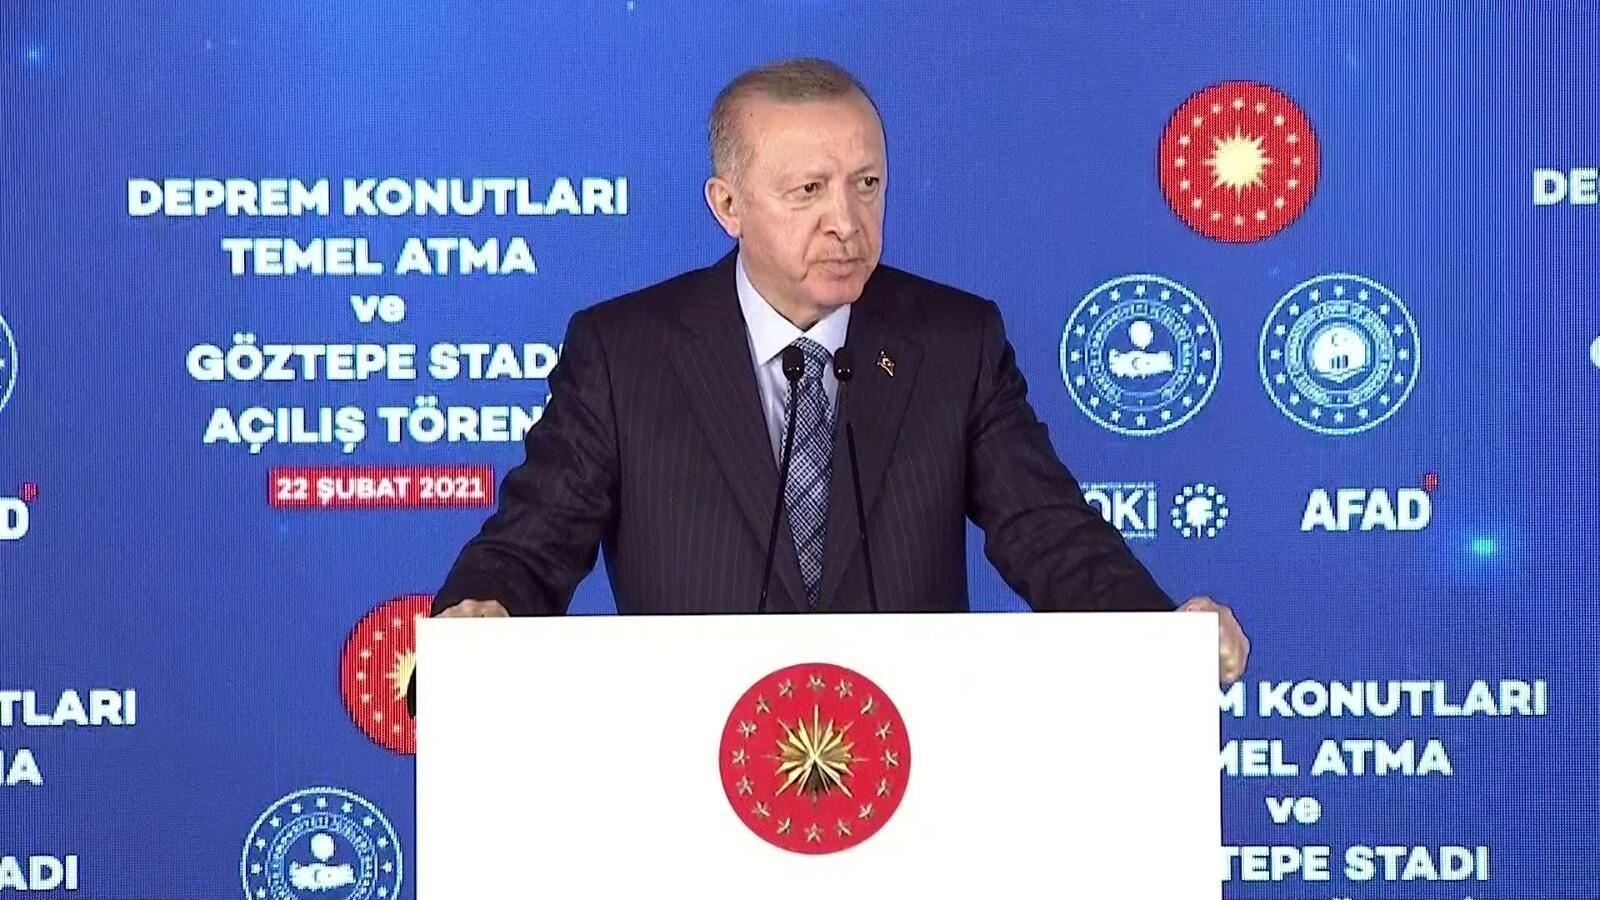 SON DAKİKA: Cumhurbaşkanı Erdoğan'dan İzmir mesajı